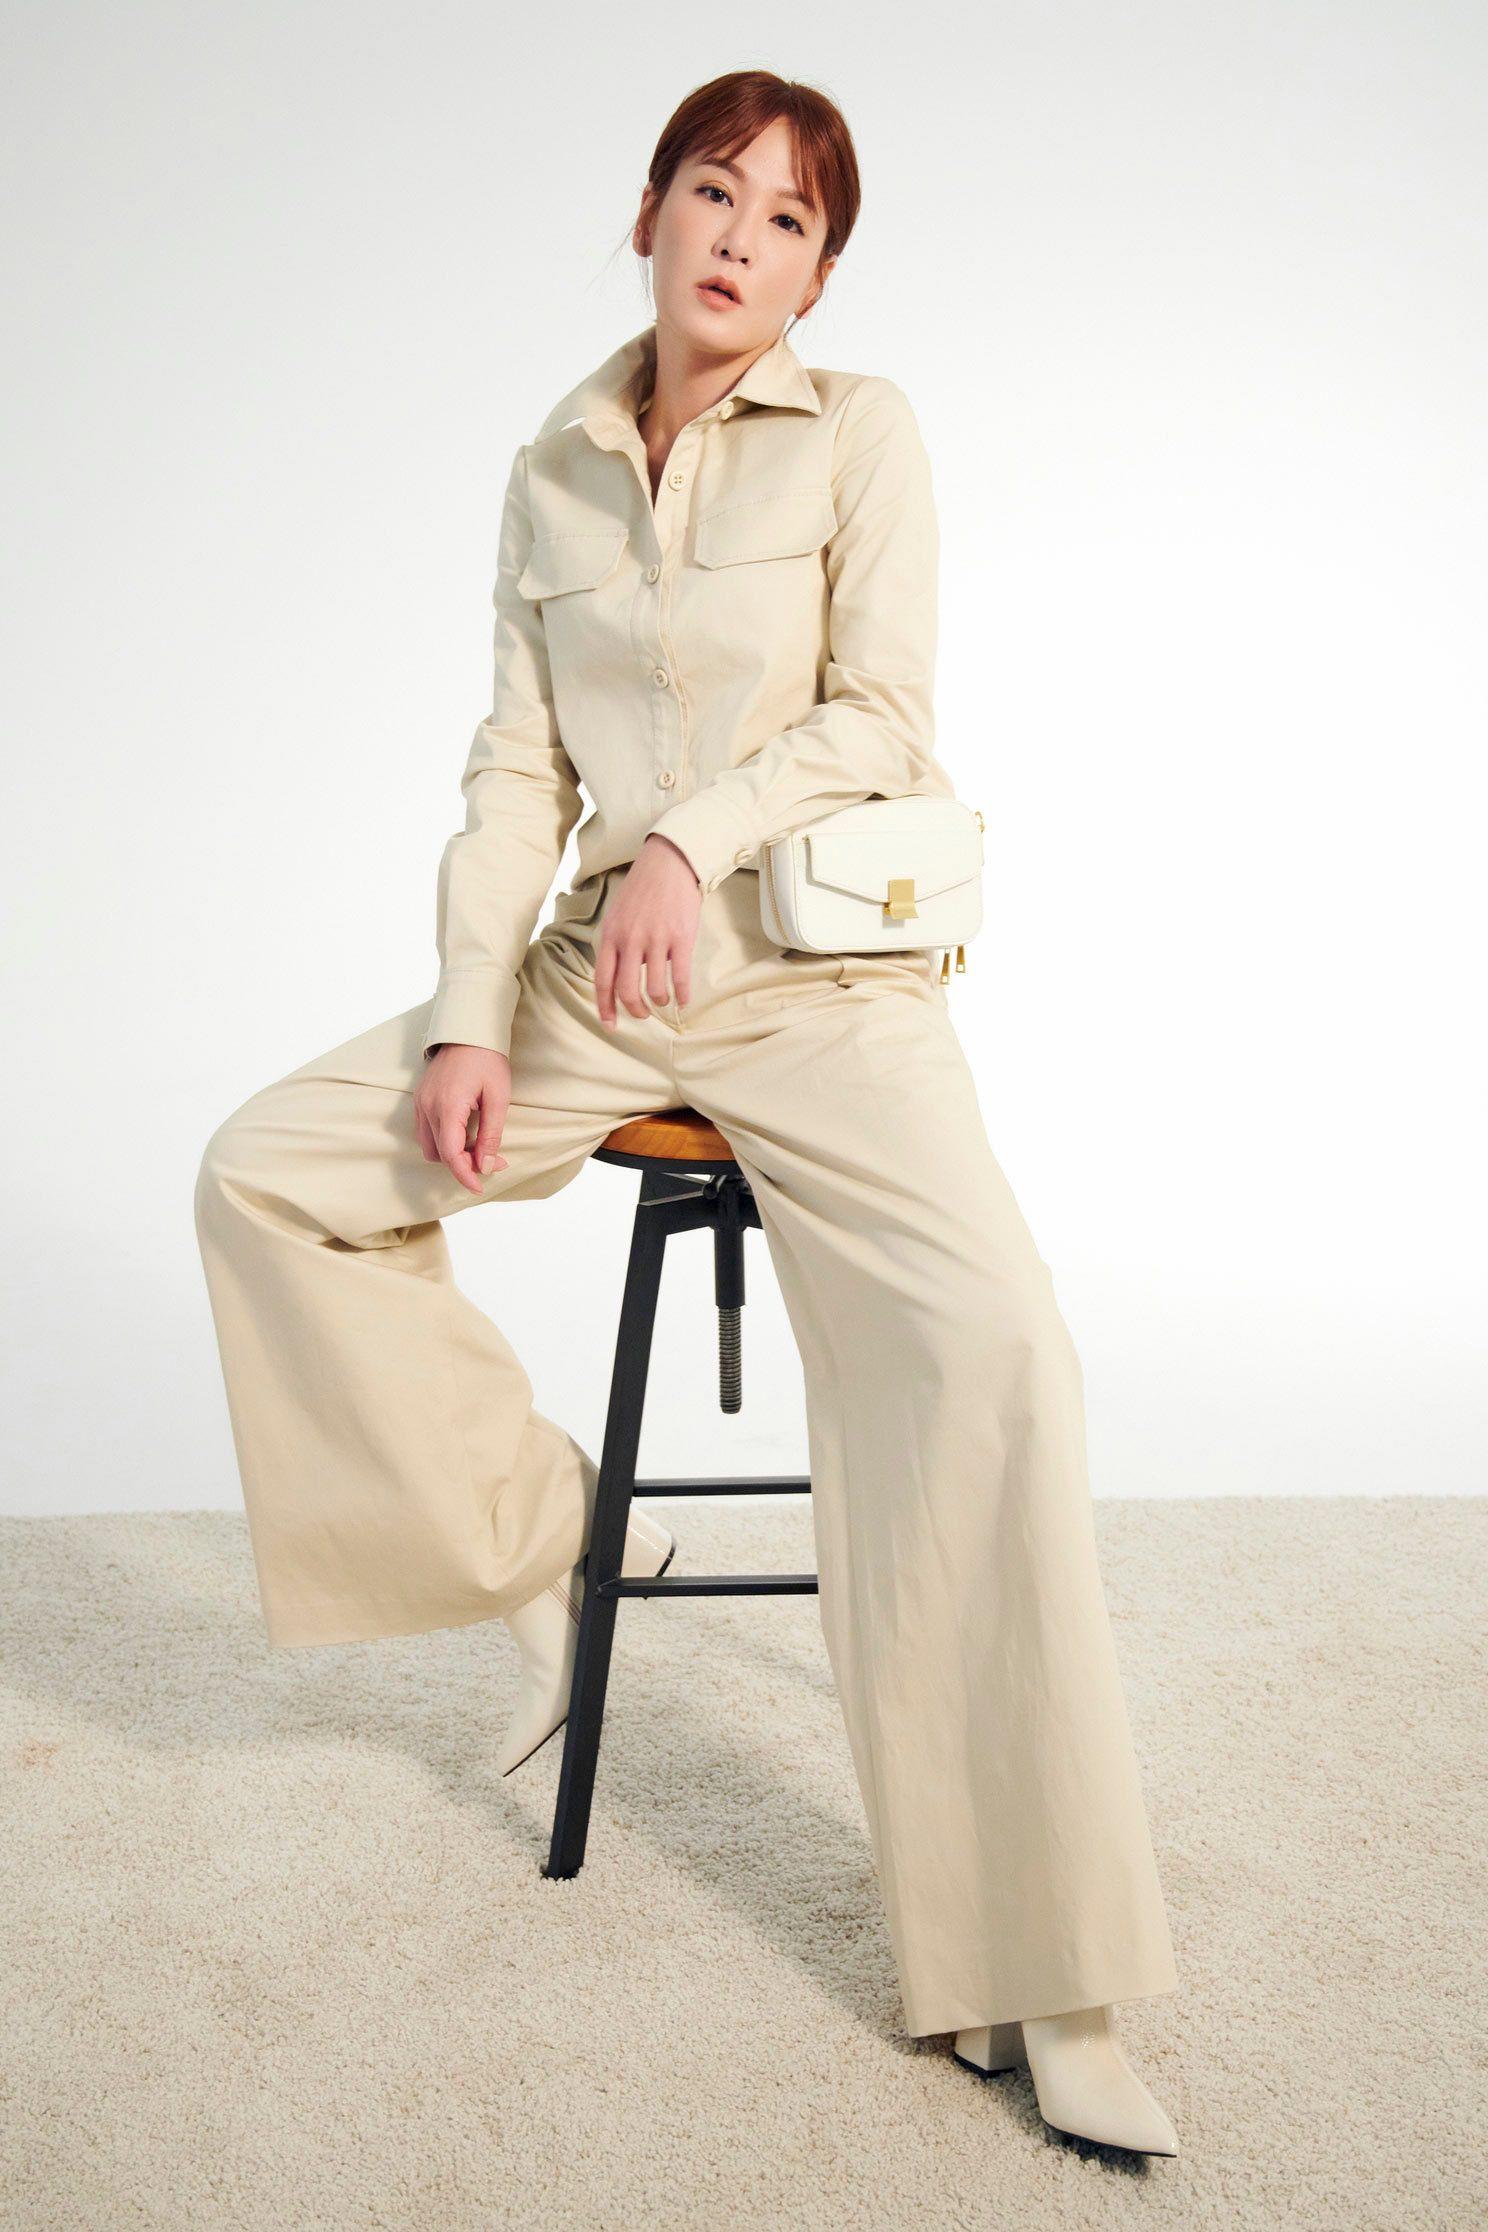 兩件式褲裝,top,onlinelimitededition,culottespants,pants,blouse,longsleevetop,pants,wasthin